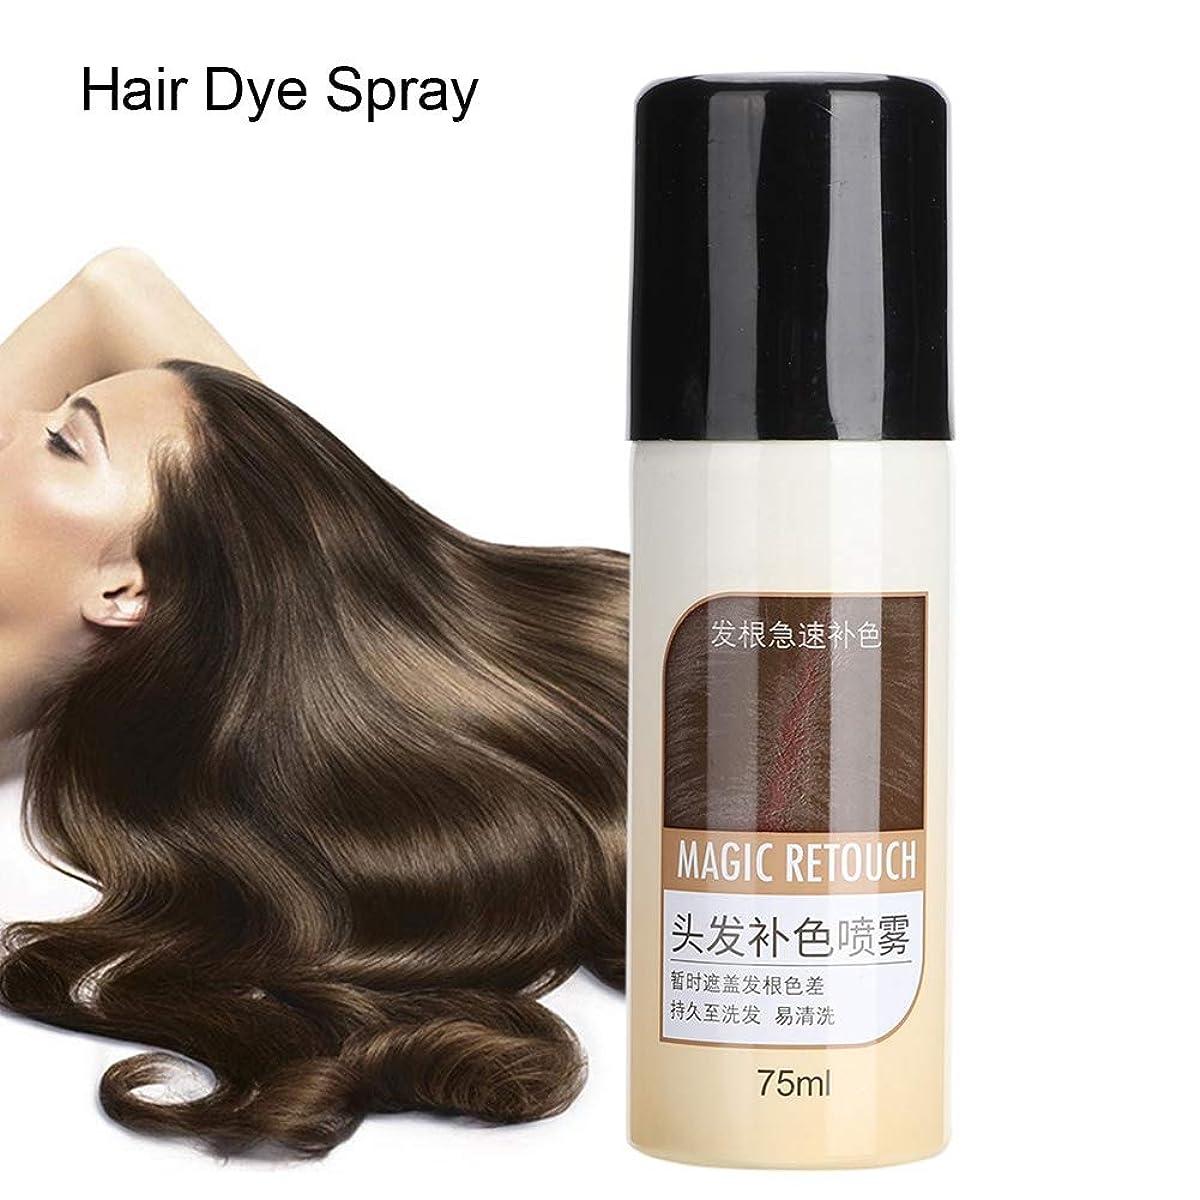 計算差別シャワーヘアダイ、べたつかないマットヘアスタイル栄養補給用洗えるスプレーカバー白髪用長続きするカラー染料750ml (#1)